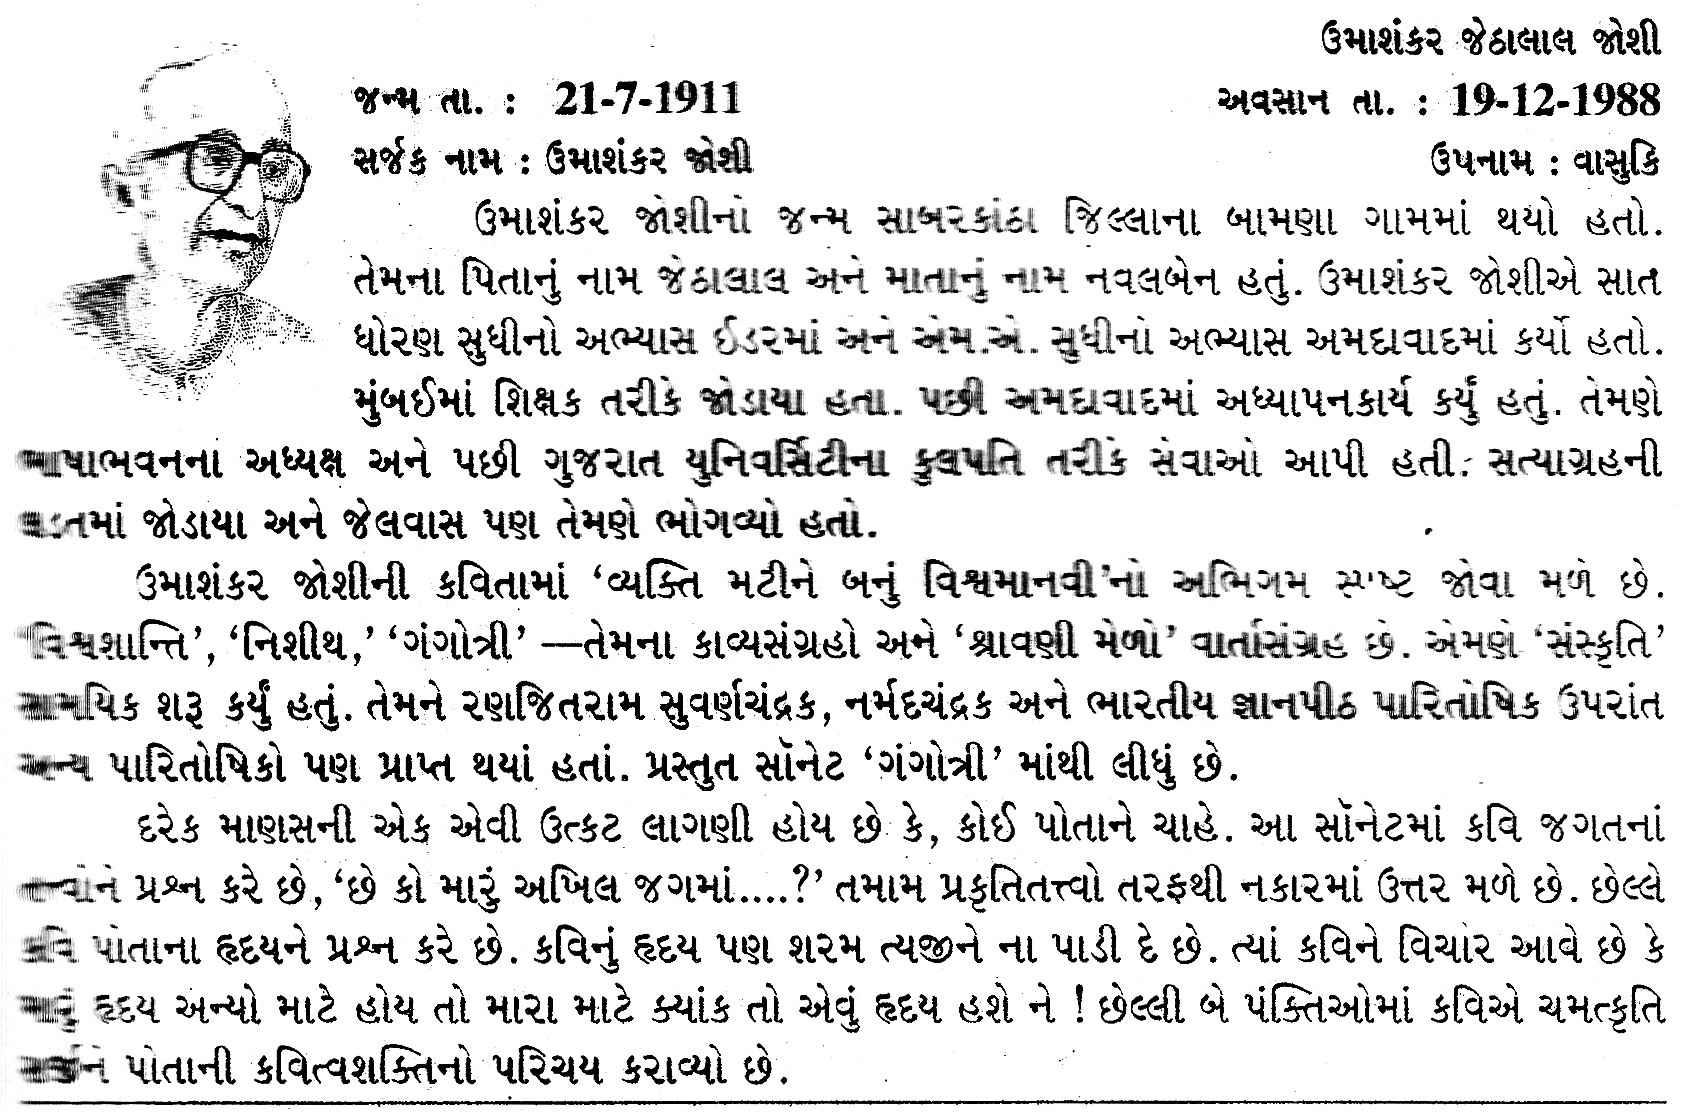 maro desh essay भारत निबंध कक्षा 1, 2, 3, 4, 5, 6, 7, 8, 9 ,10, 11 और 12 के विध्याथियो  के लिए  यहाँ भारत (इंडिया) पर छोटा व बड़ा निबंध अपने बच्चो.